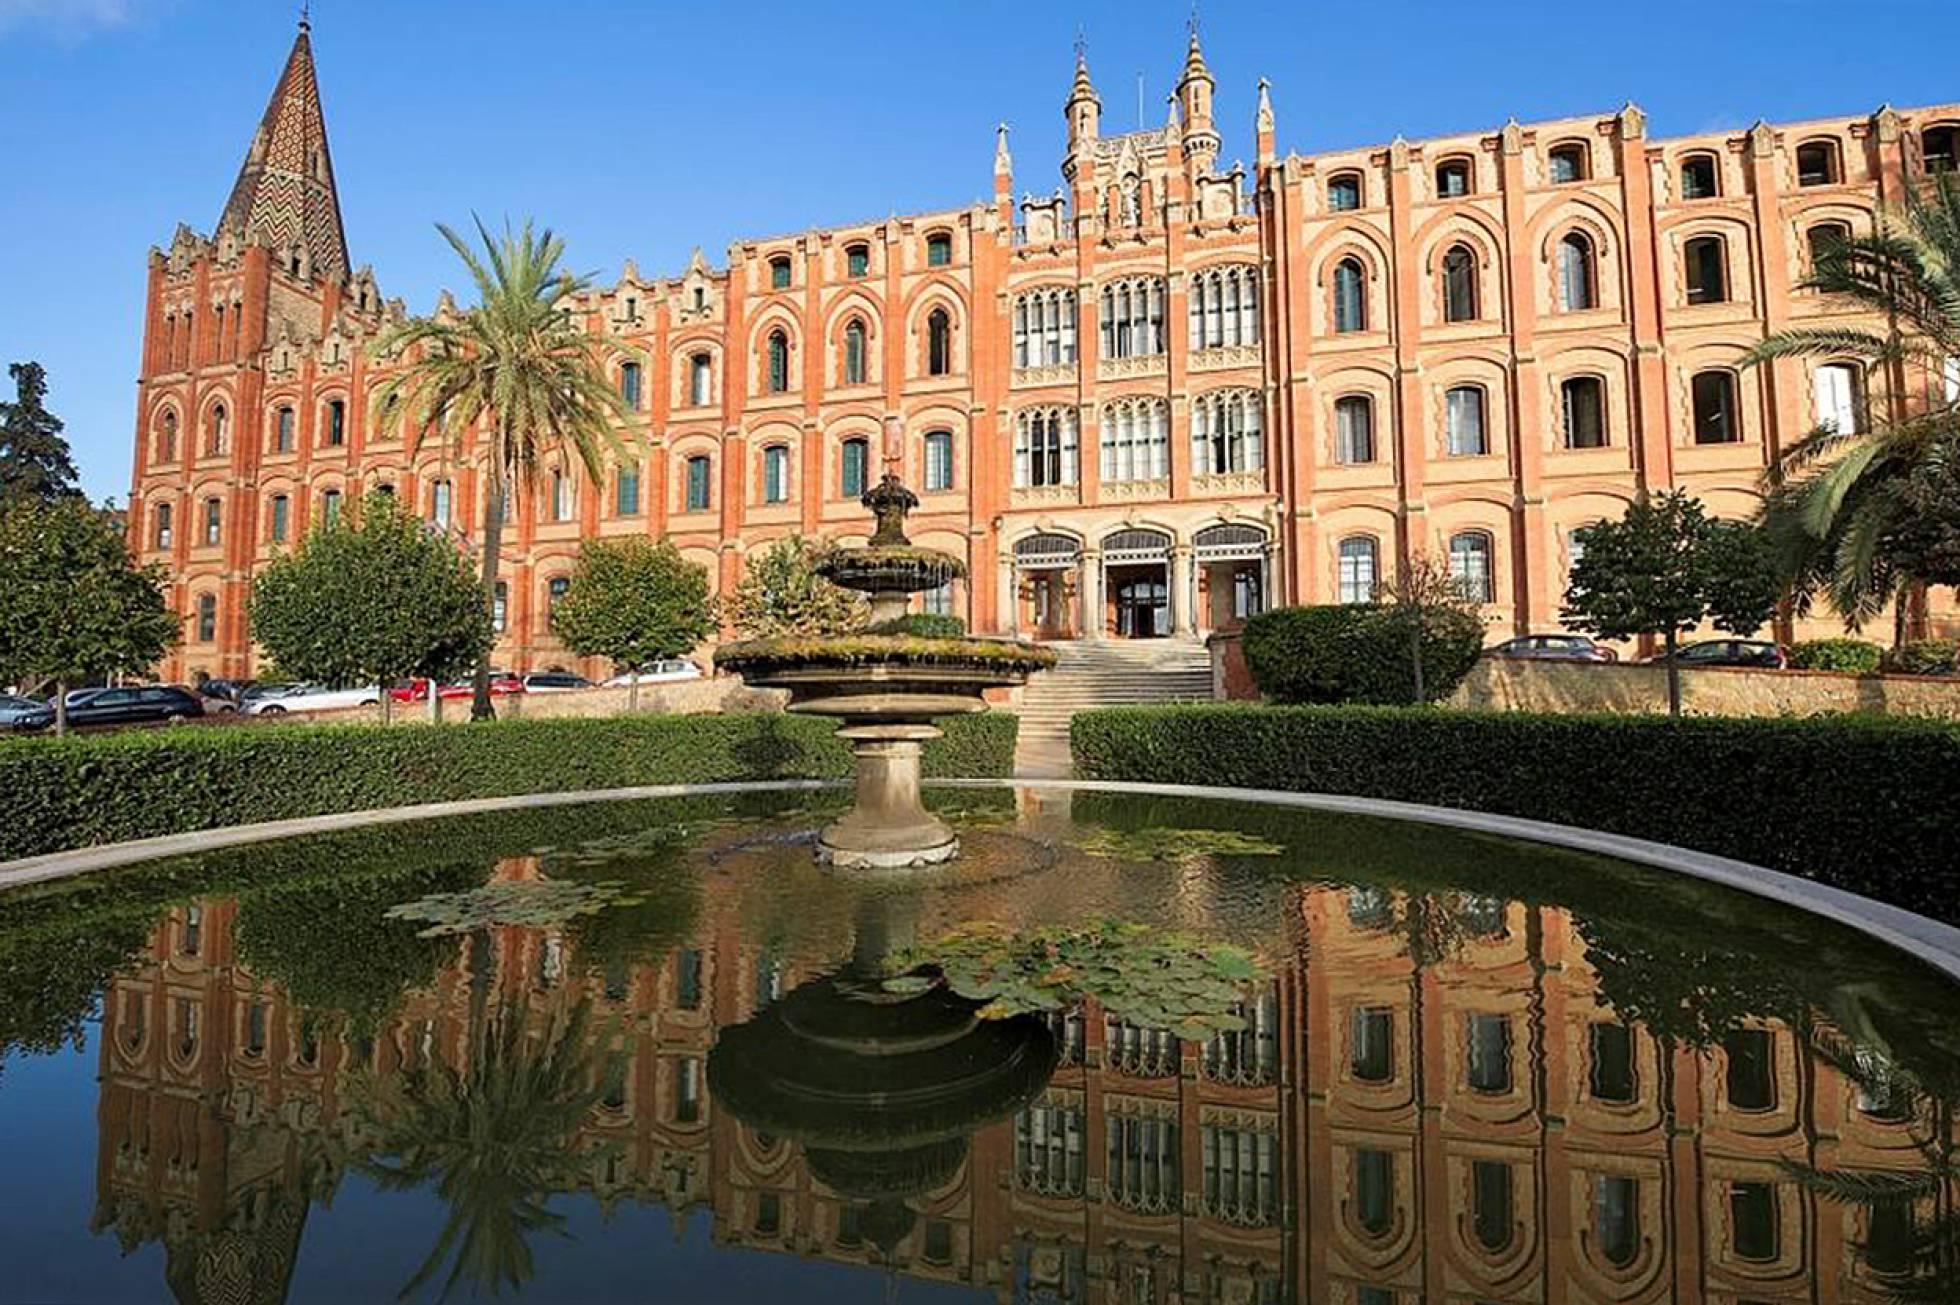 Colegio Sant Ignasi de los jesuitas